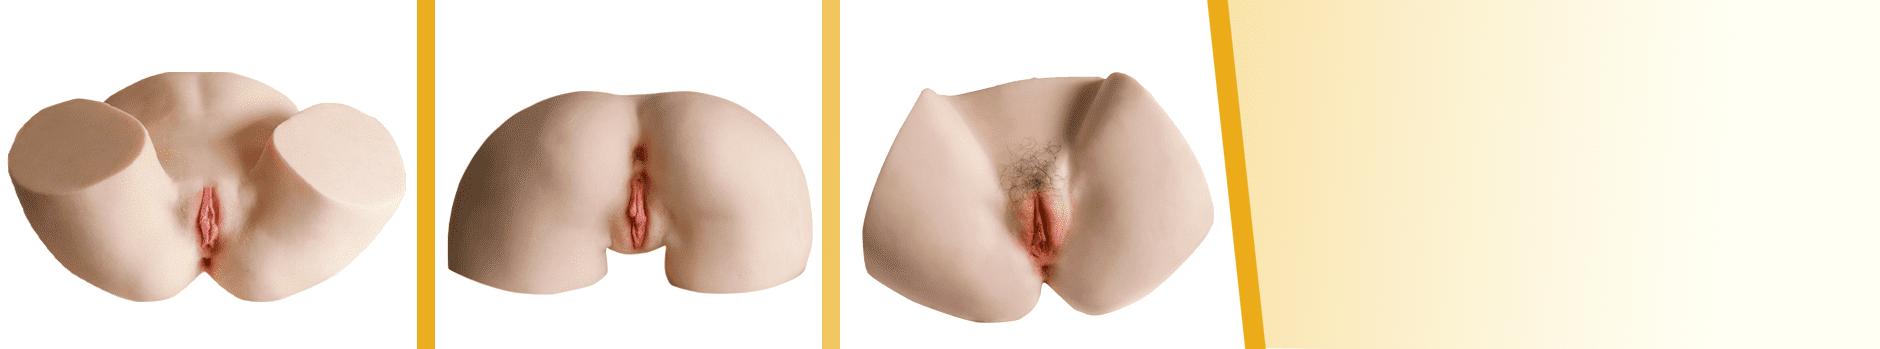 Sex Torso Test und Vergleich